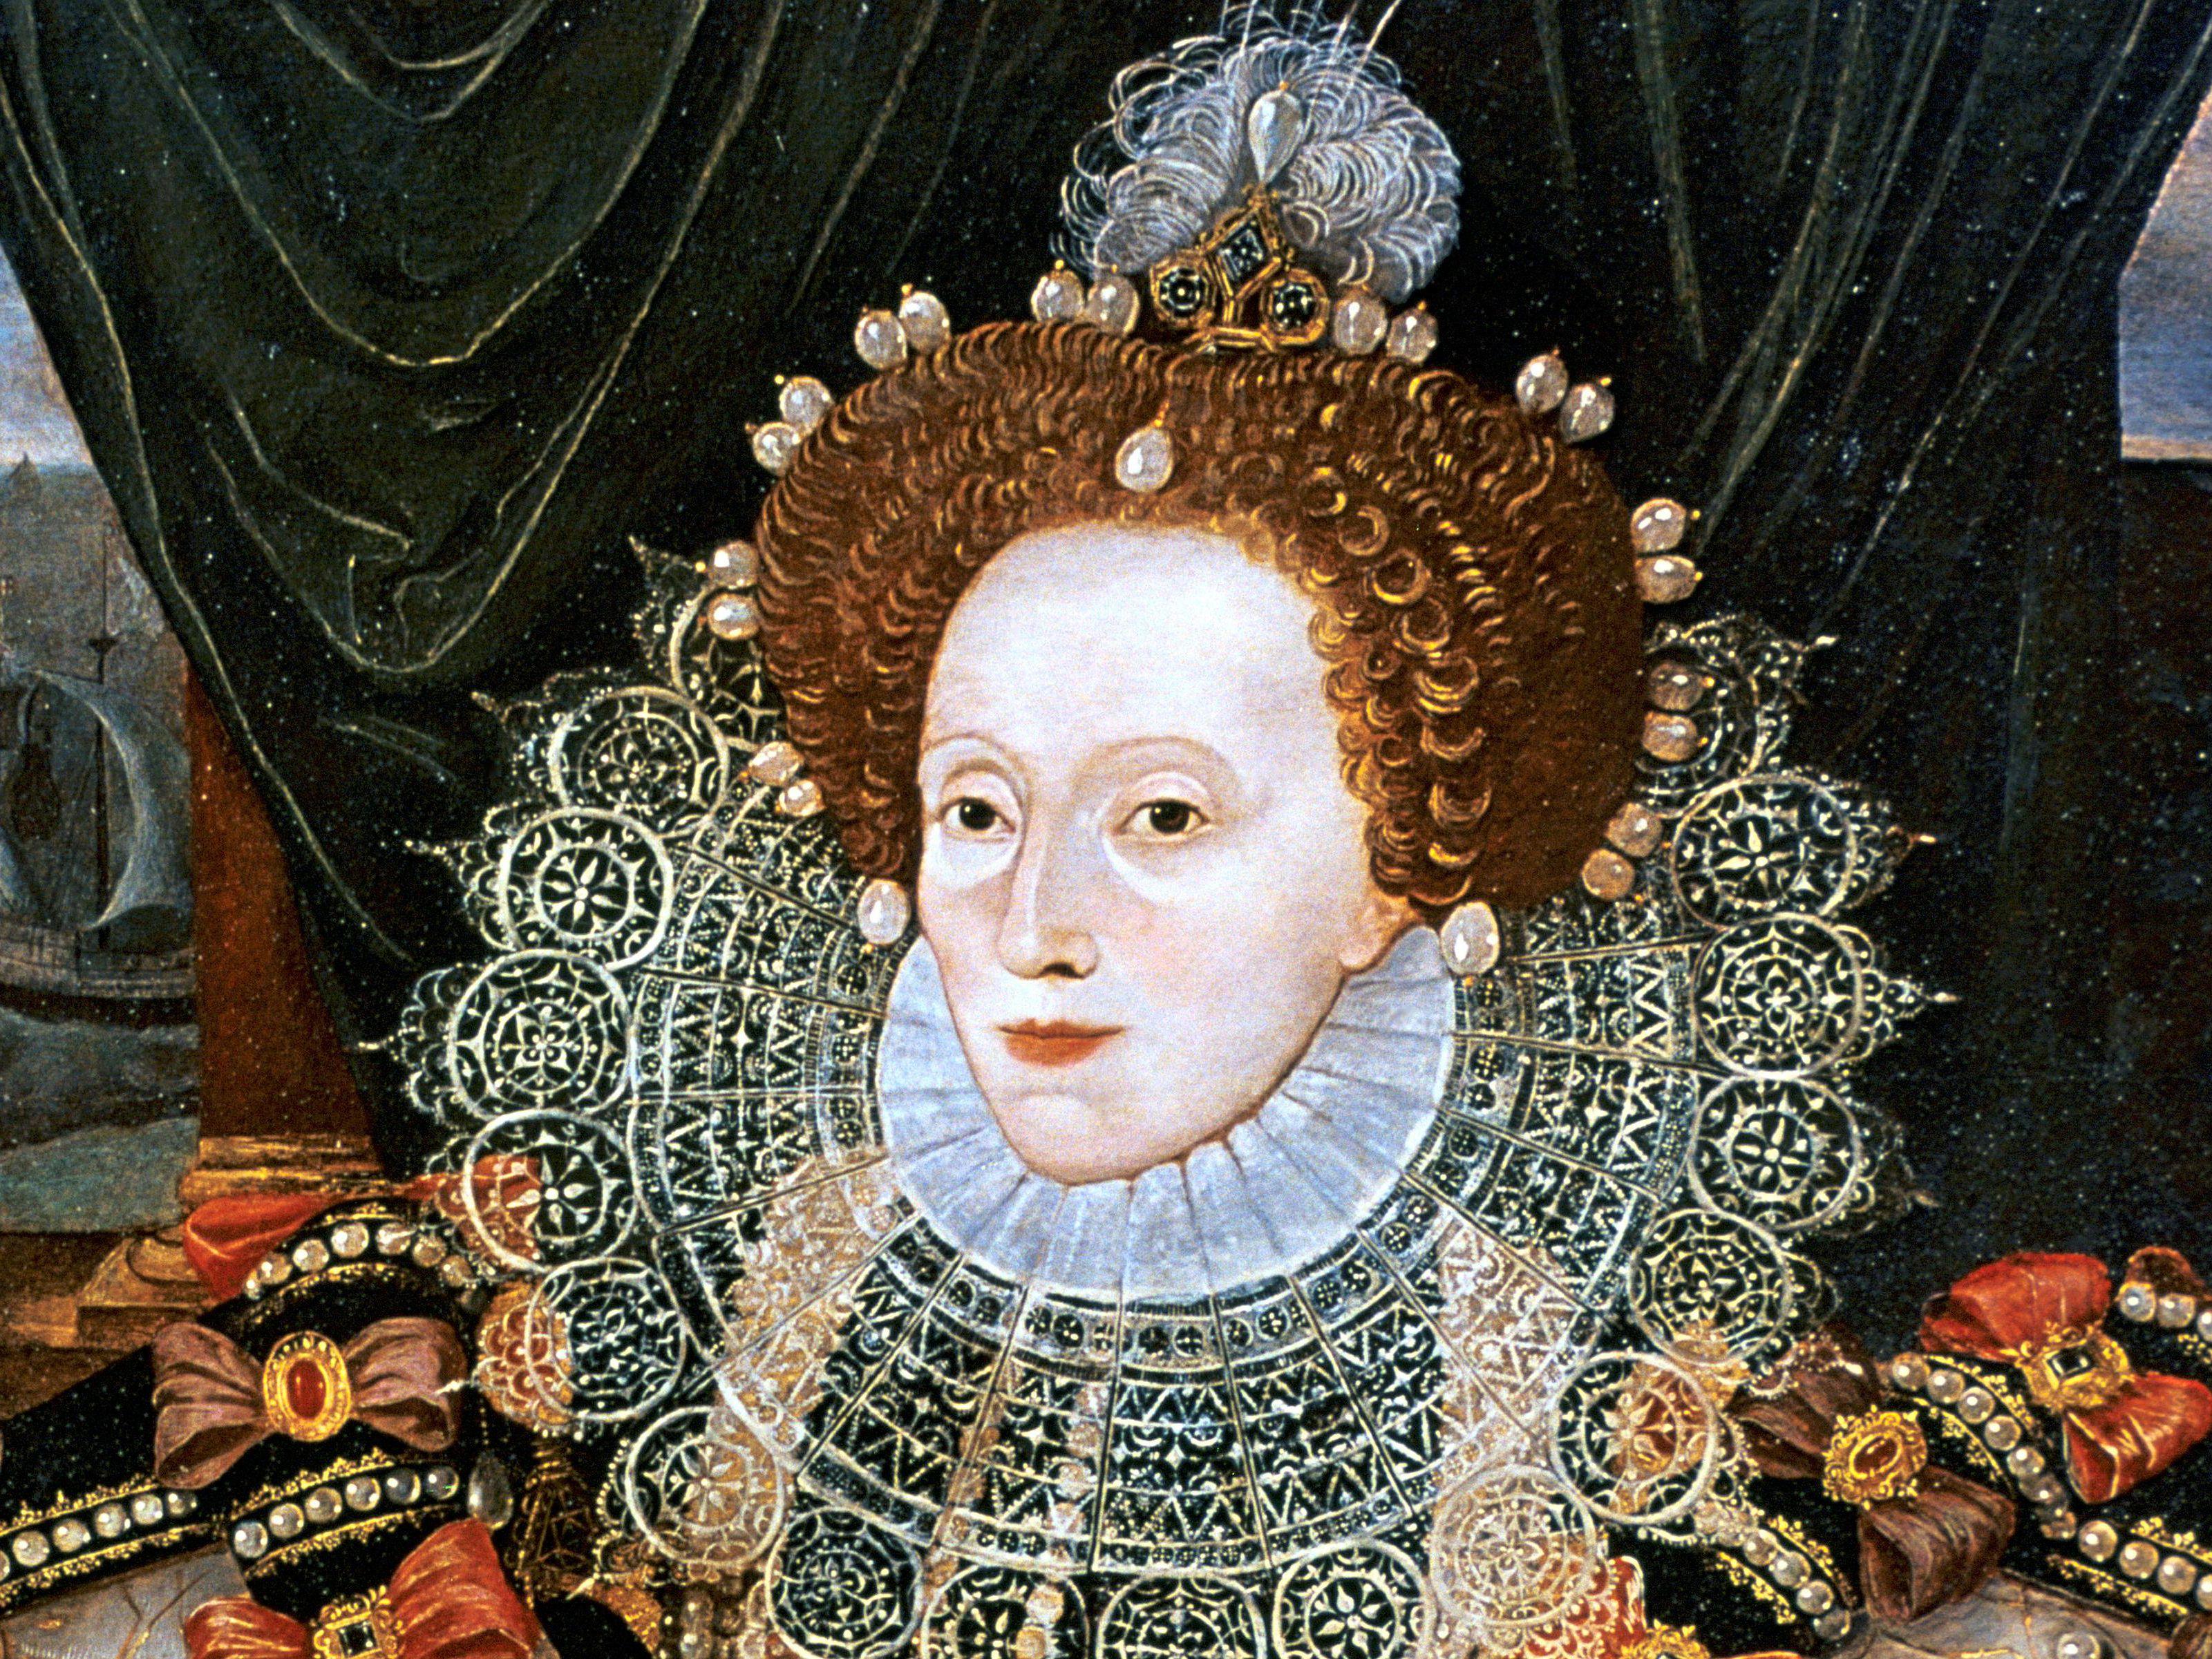 Queen Elizabeth I Tudor Women/'s English Monarch British Royalty Renassiance